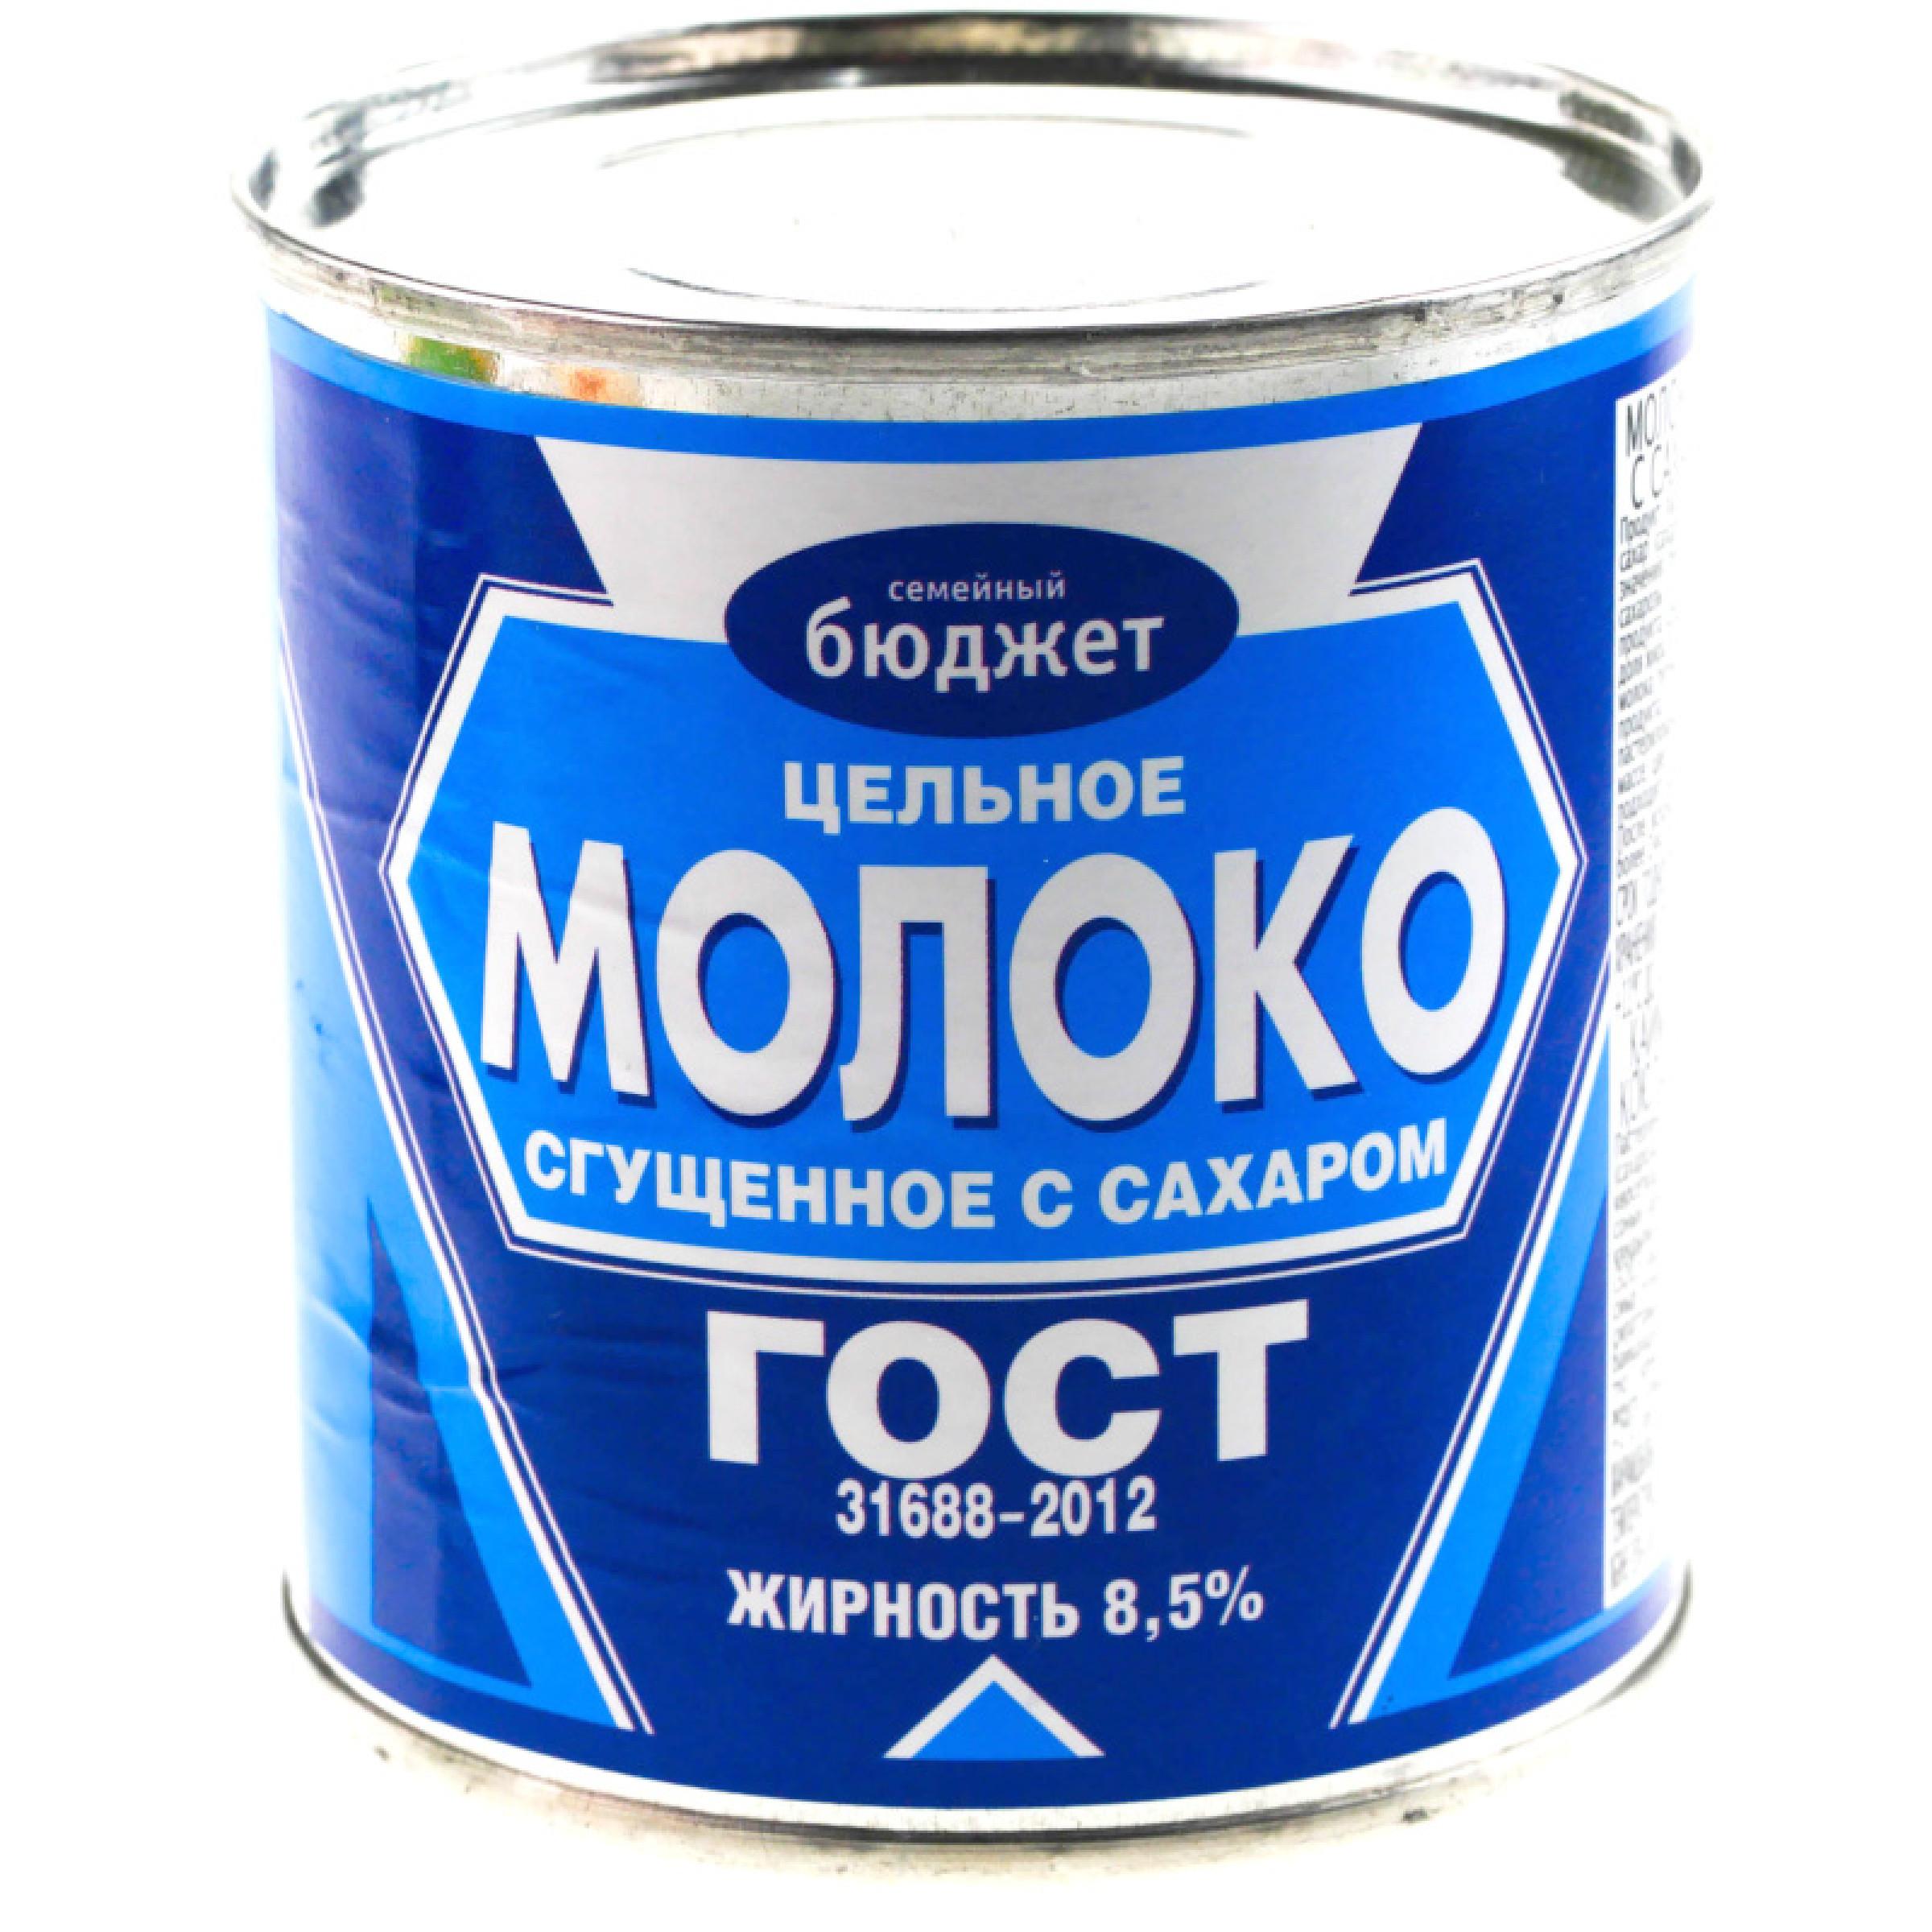 """Молоко """"Семейный бюджет"""" 8,5% цельное сгущенное с сахаром, 380 г"""